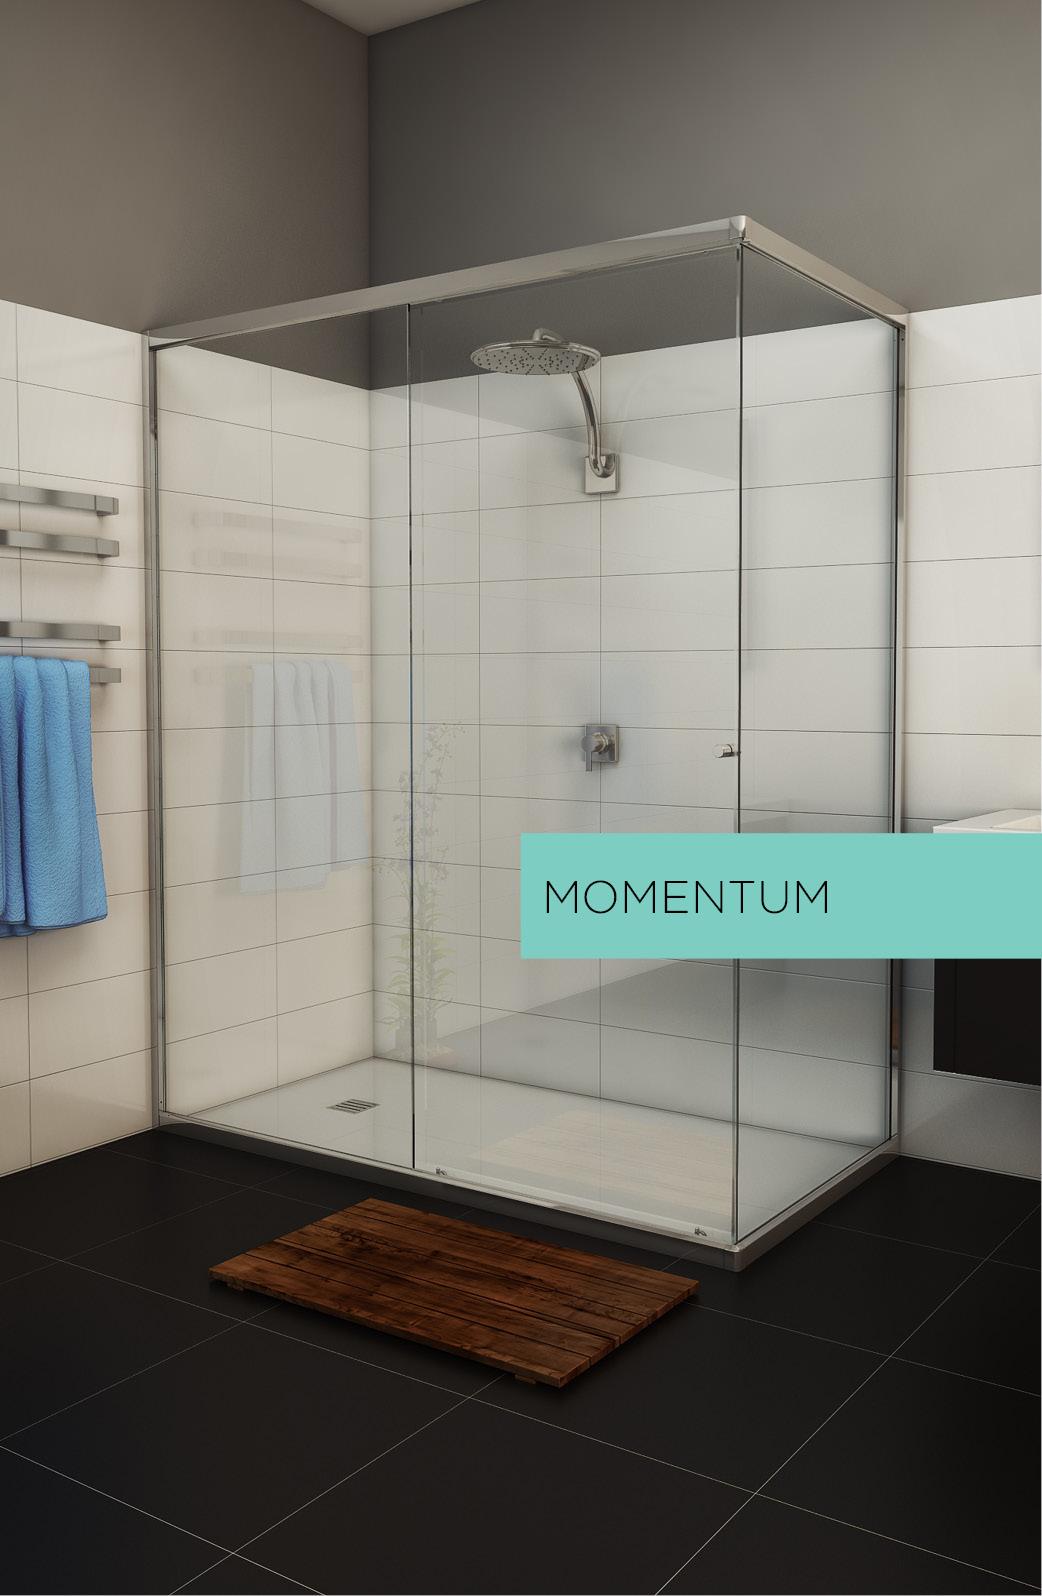 Momentum sliding shower screen